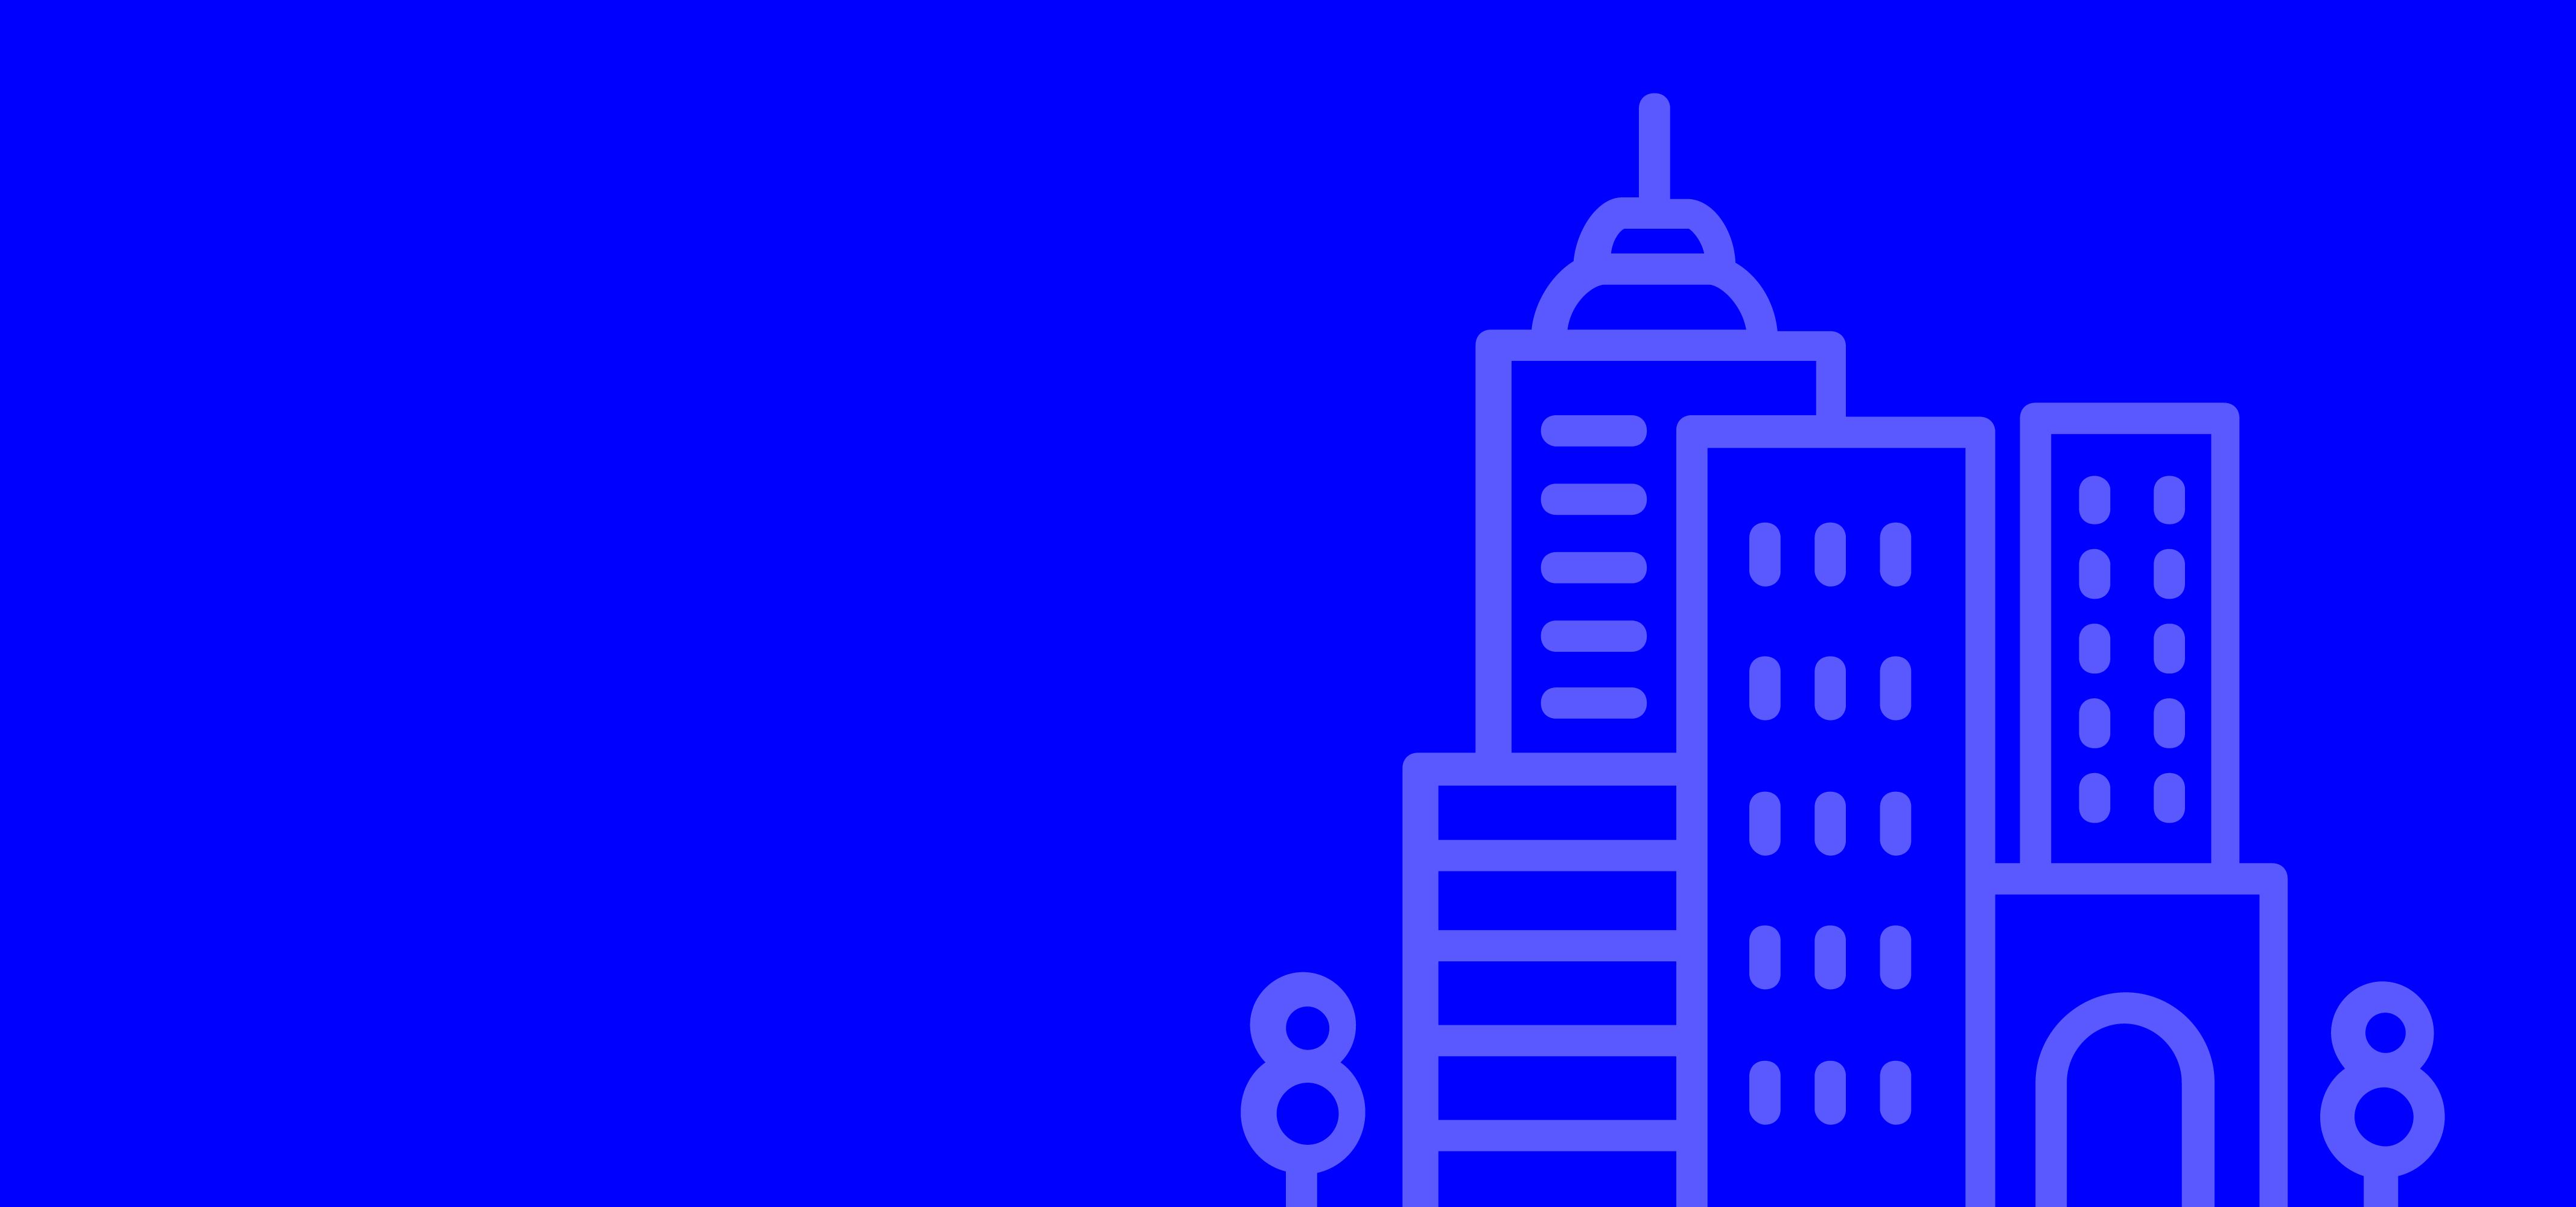 Verwaltung und Smart City Interfaces